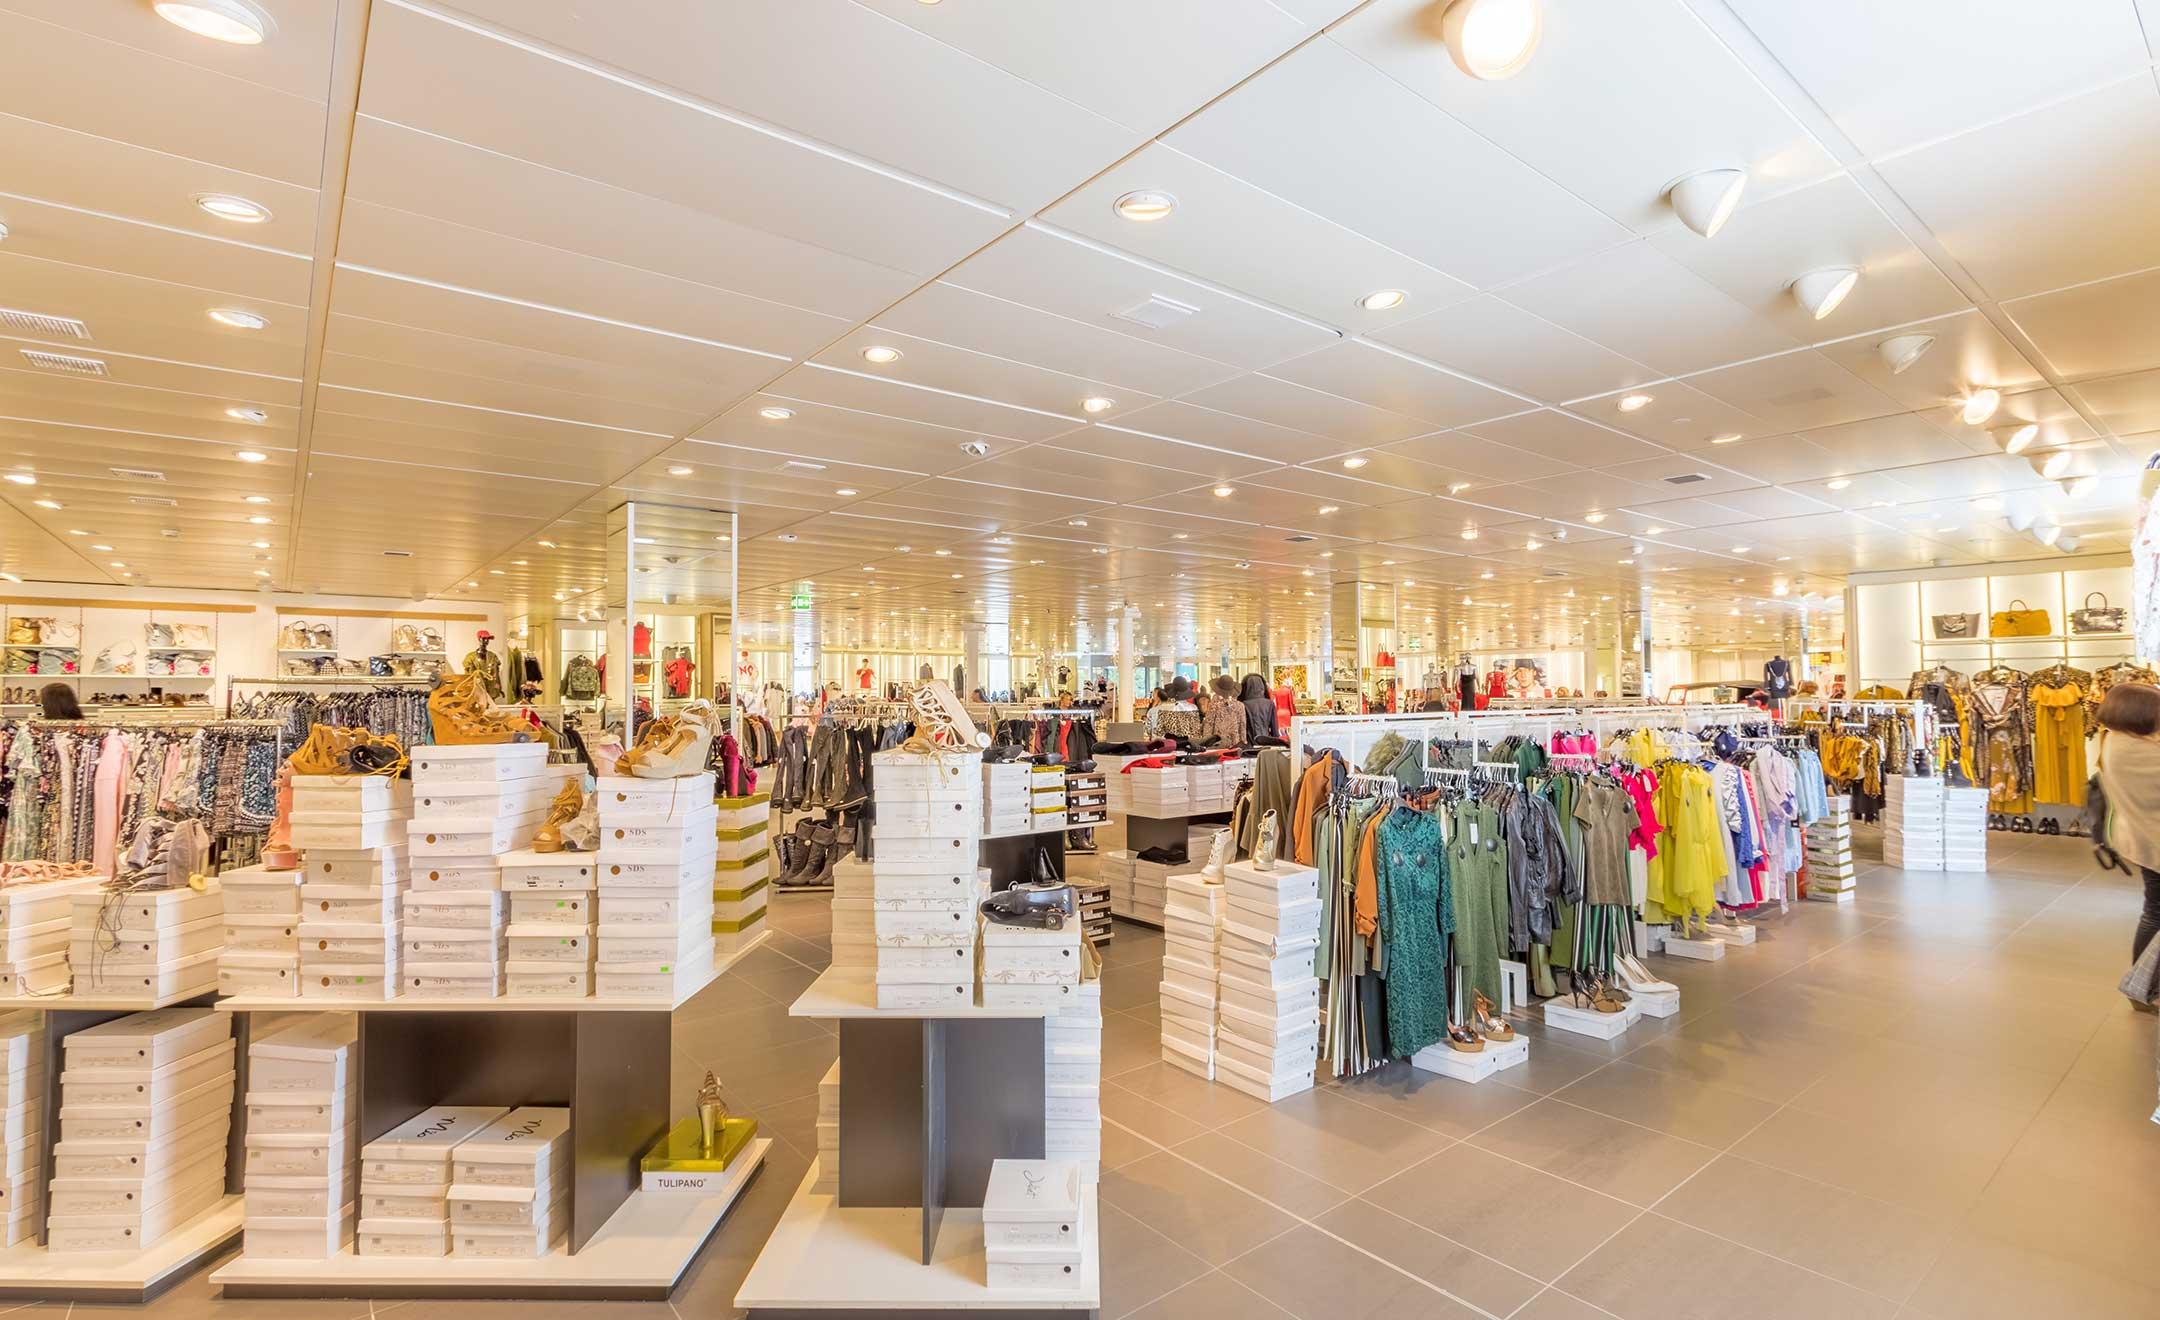 ショッピングモールのイメージ画像